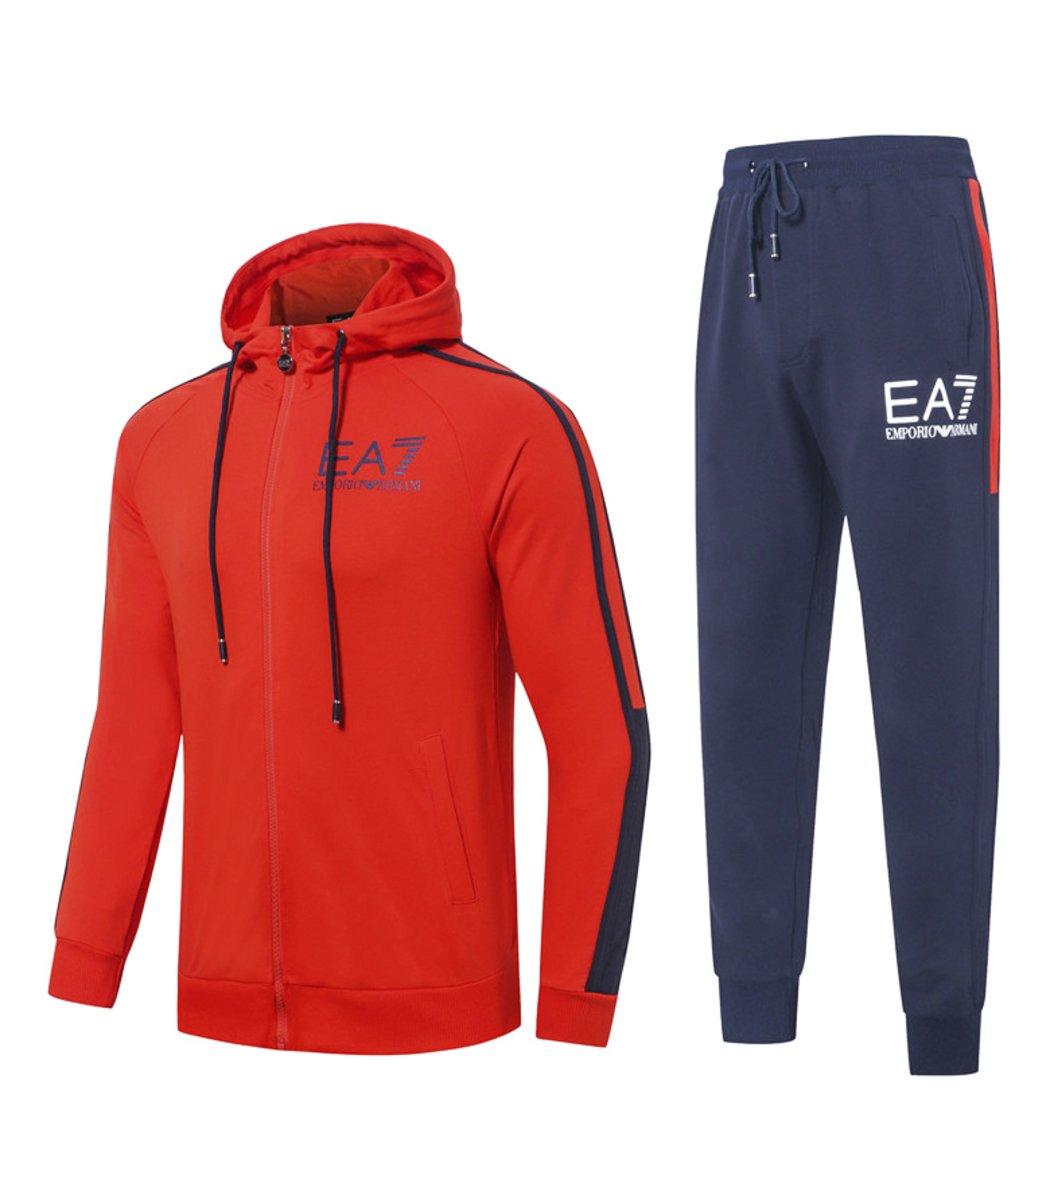 Оранжевый спортивный костюм EA7 с капюшоном (SpE1)